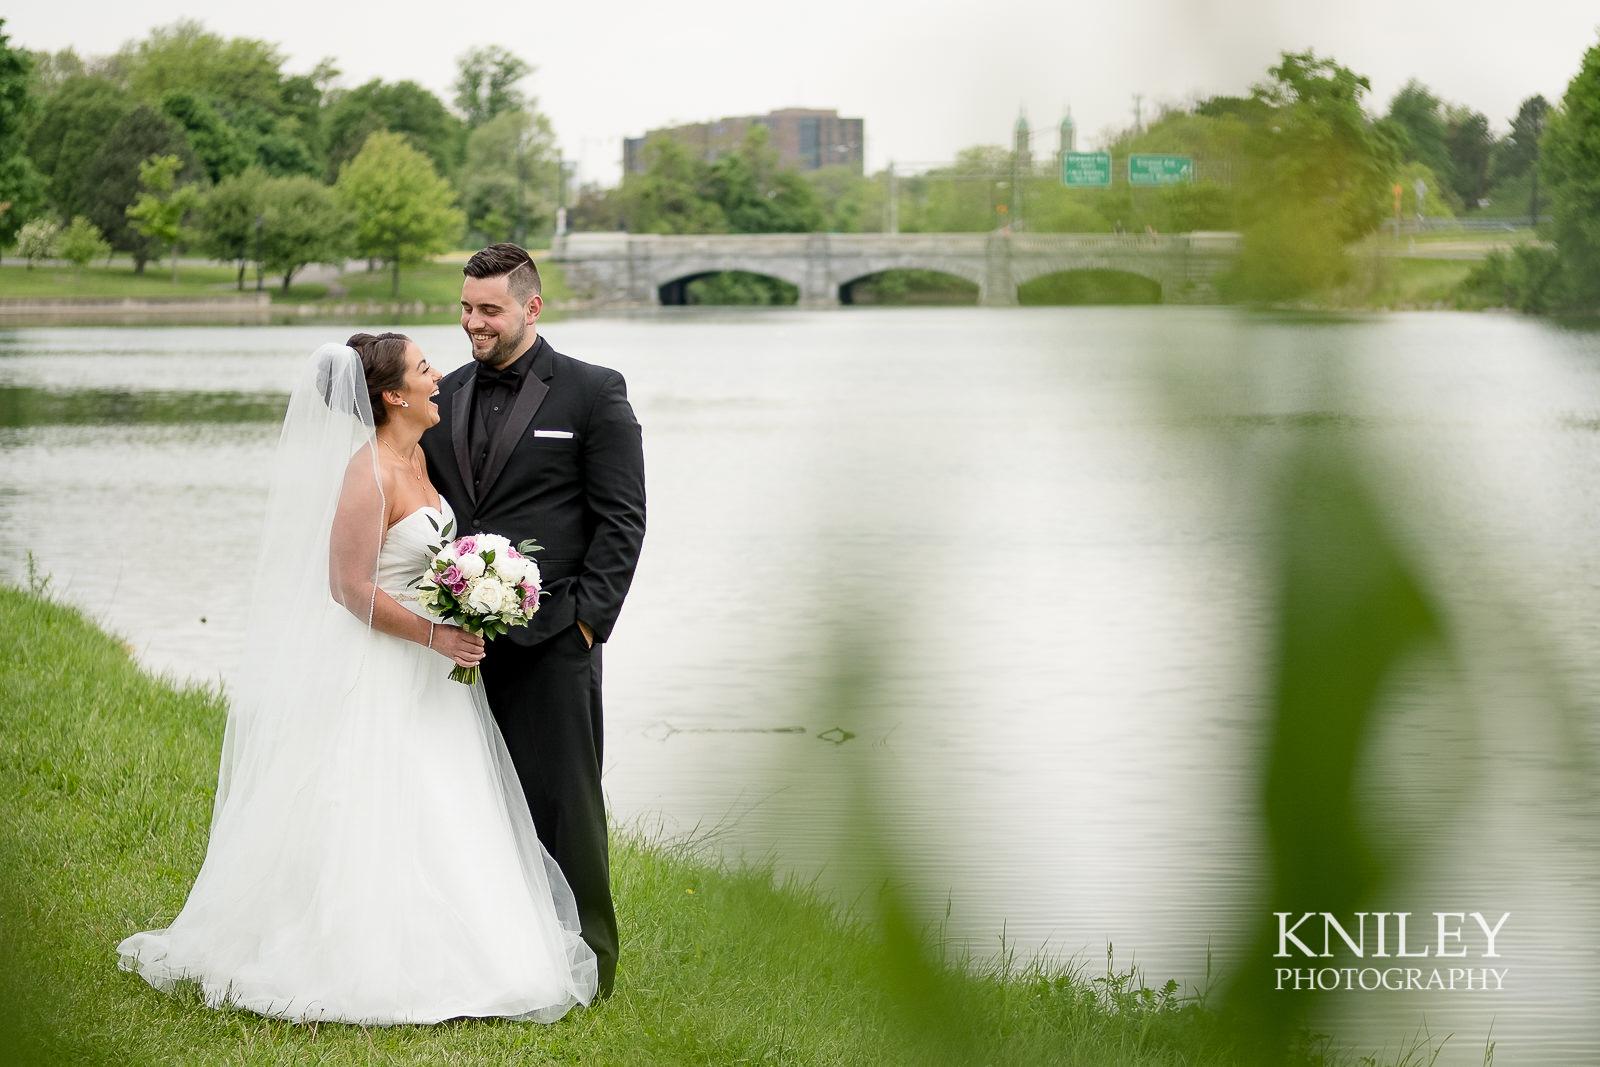 054 - Hoyt Lake Buffalo NY Wedding Pictures -XT2B8287.jpg